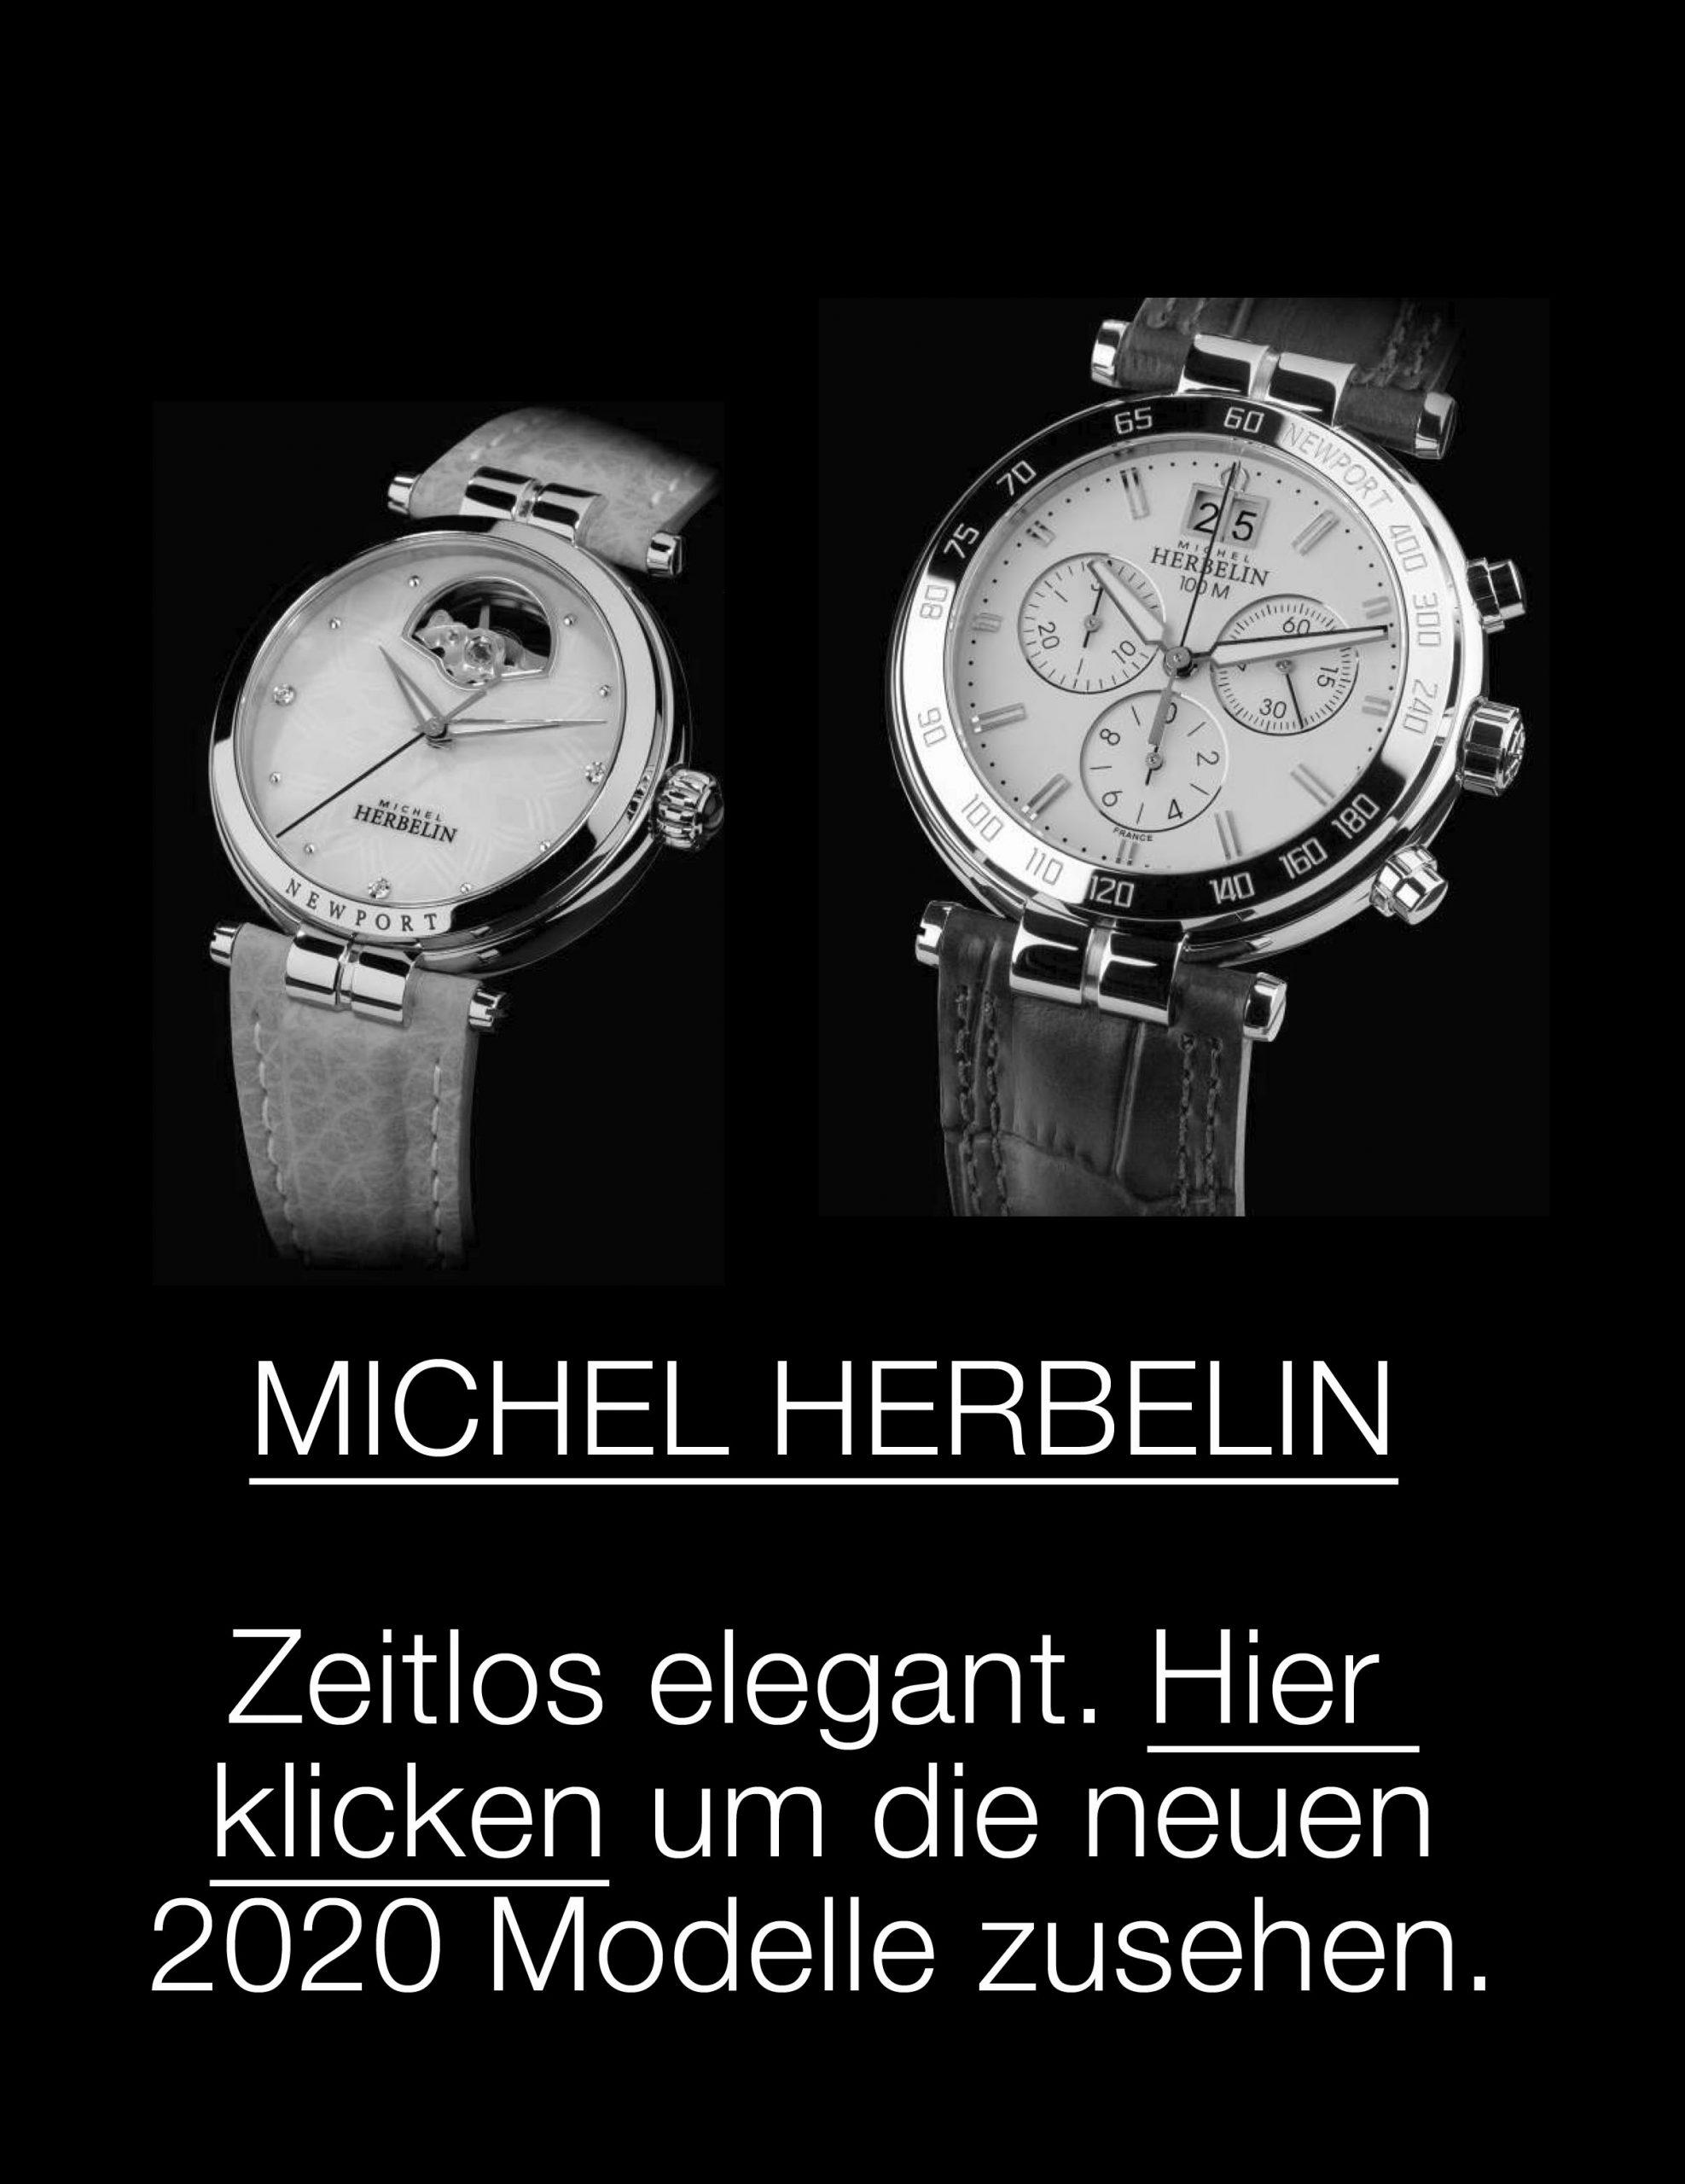 M I C H E L   H E R B E L I N. Französische Uhrenkunst in Wasserburg am Inn. Entdecken Sie die neuesten Modelle 2020.